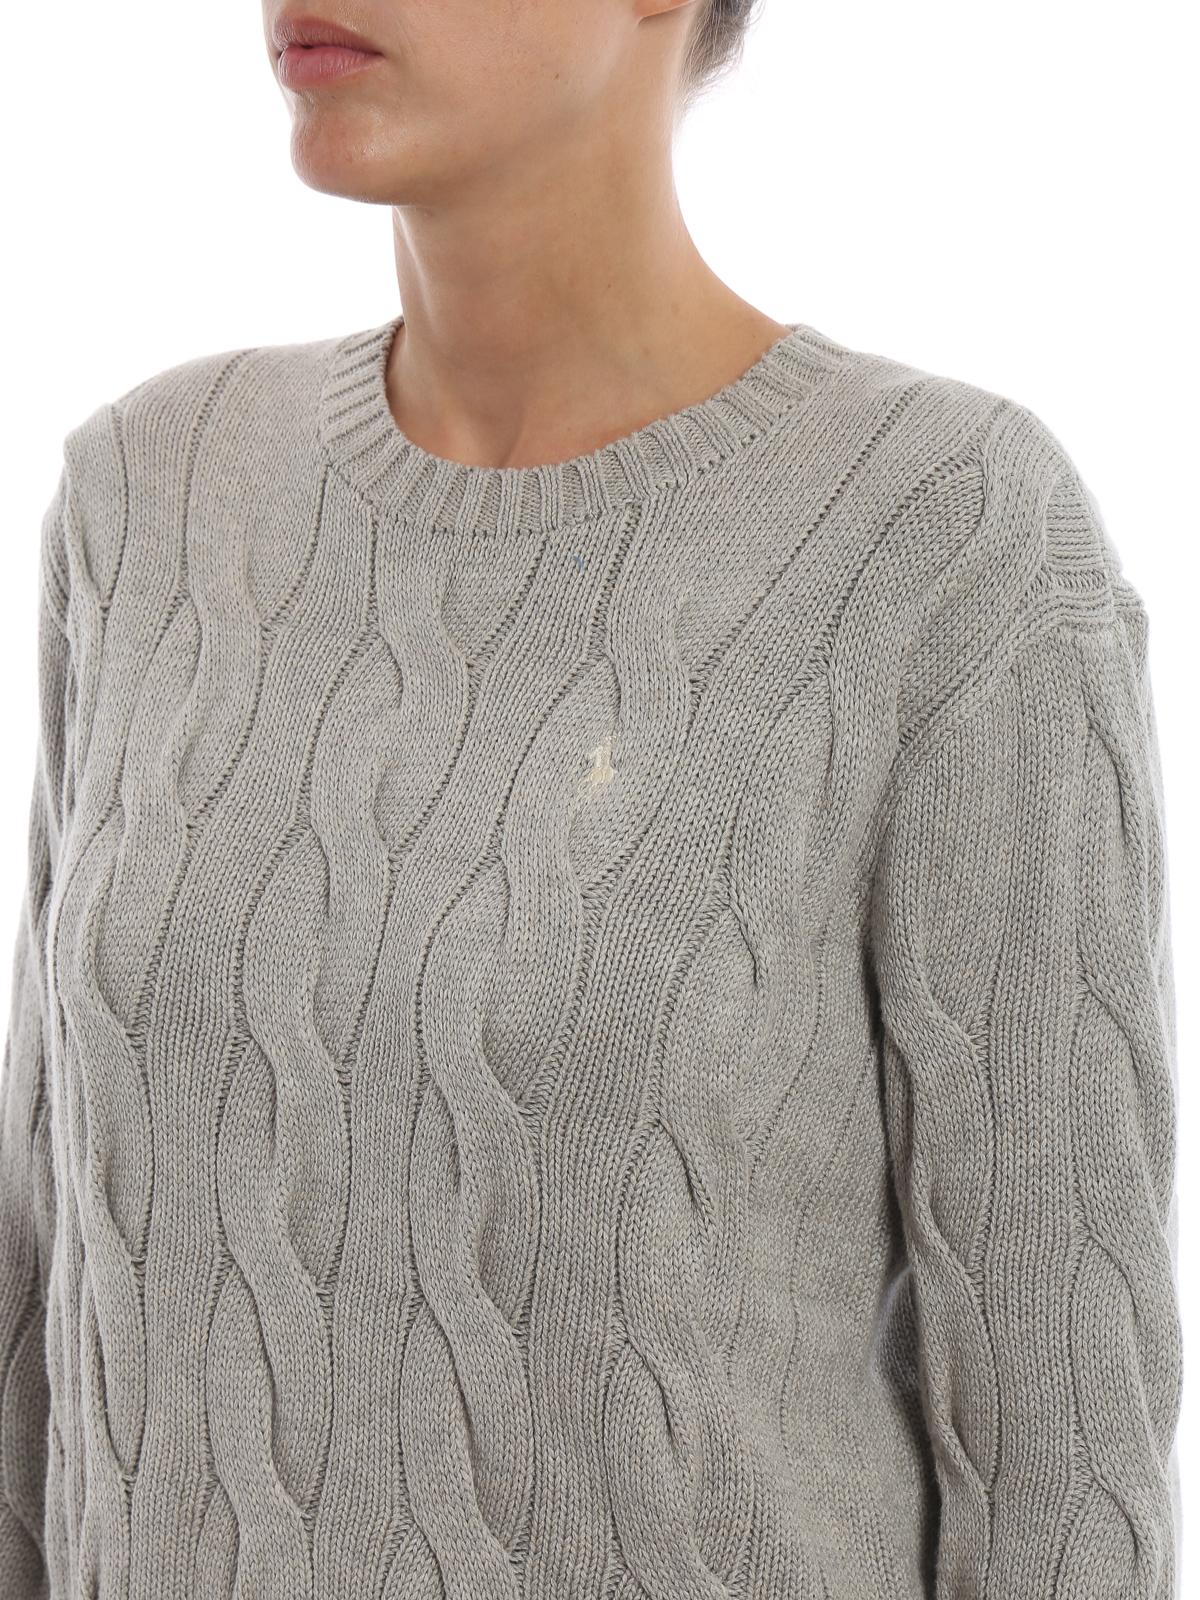 d3143680e73f Polo Ralph Lauren - Cable knit melange grey cotton sweater - crew ...